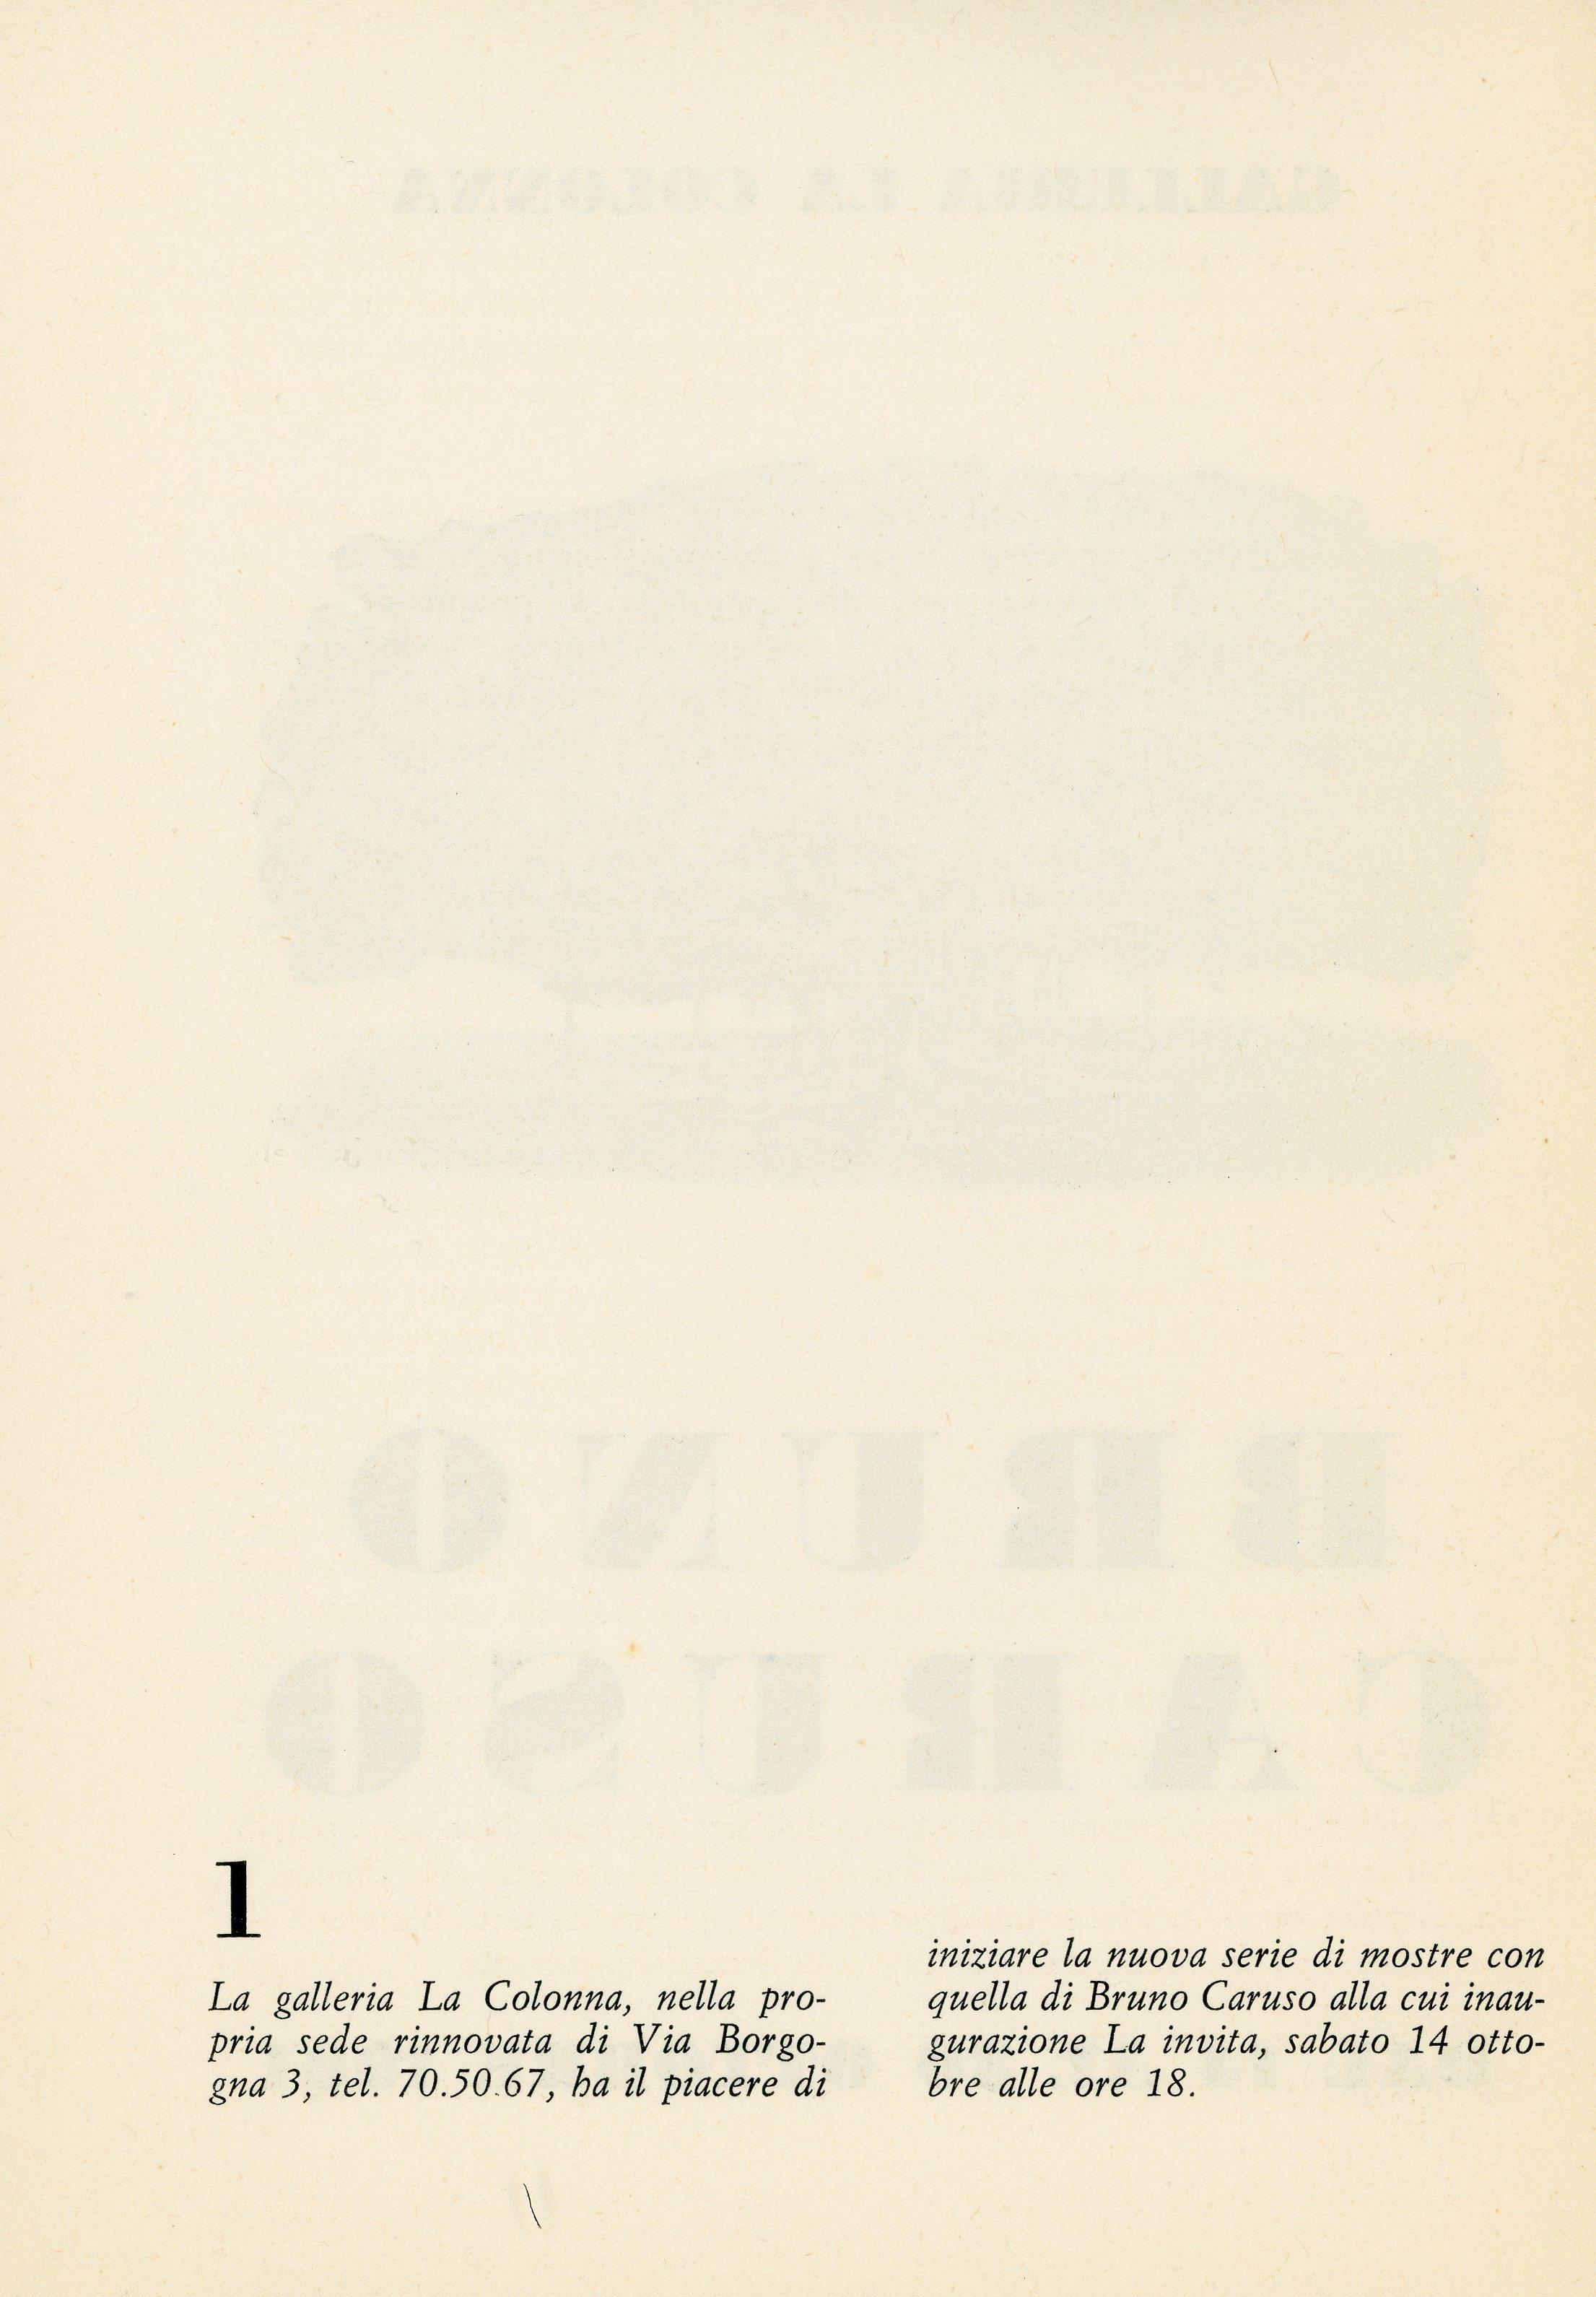 1961-10 Galleria La Colonna - Bruno Caruso_02.jpg